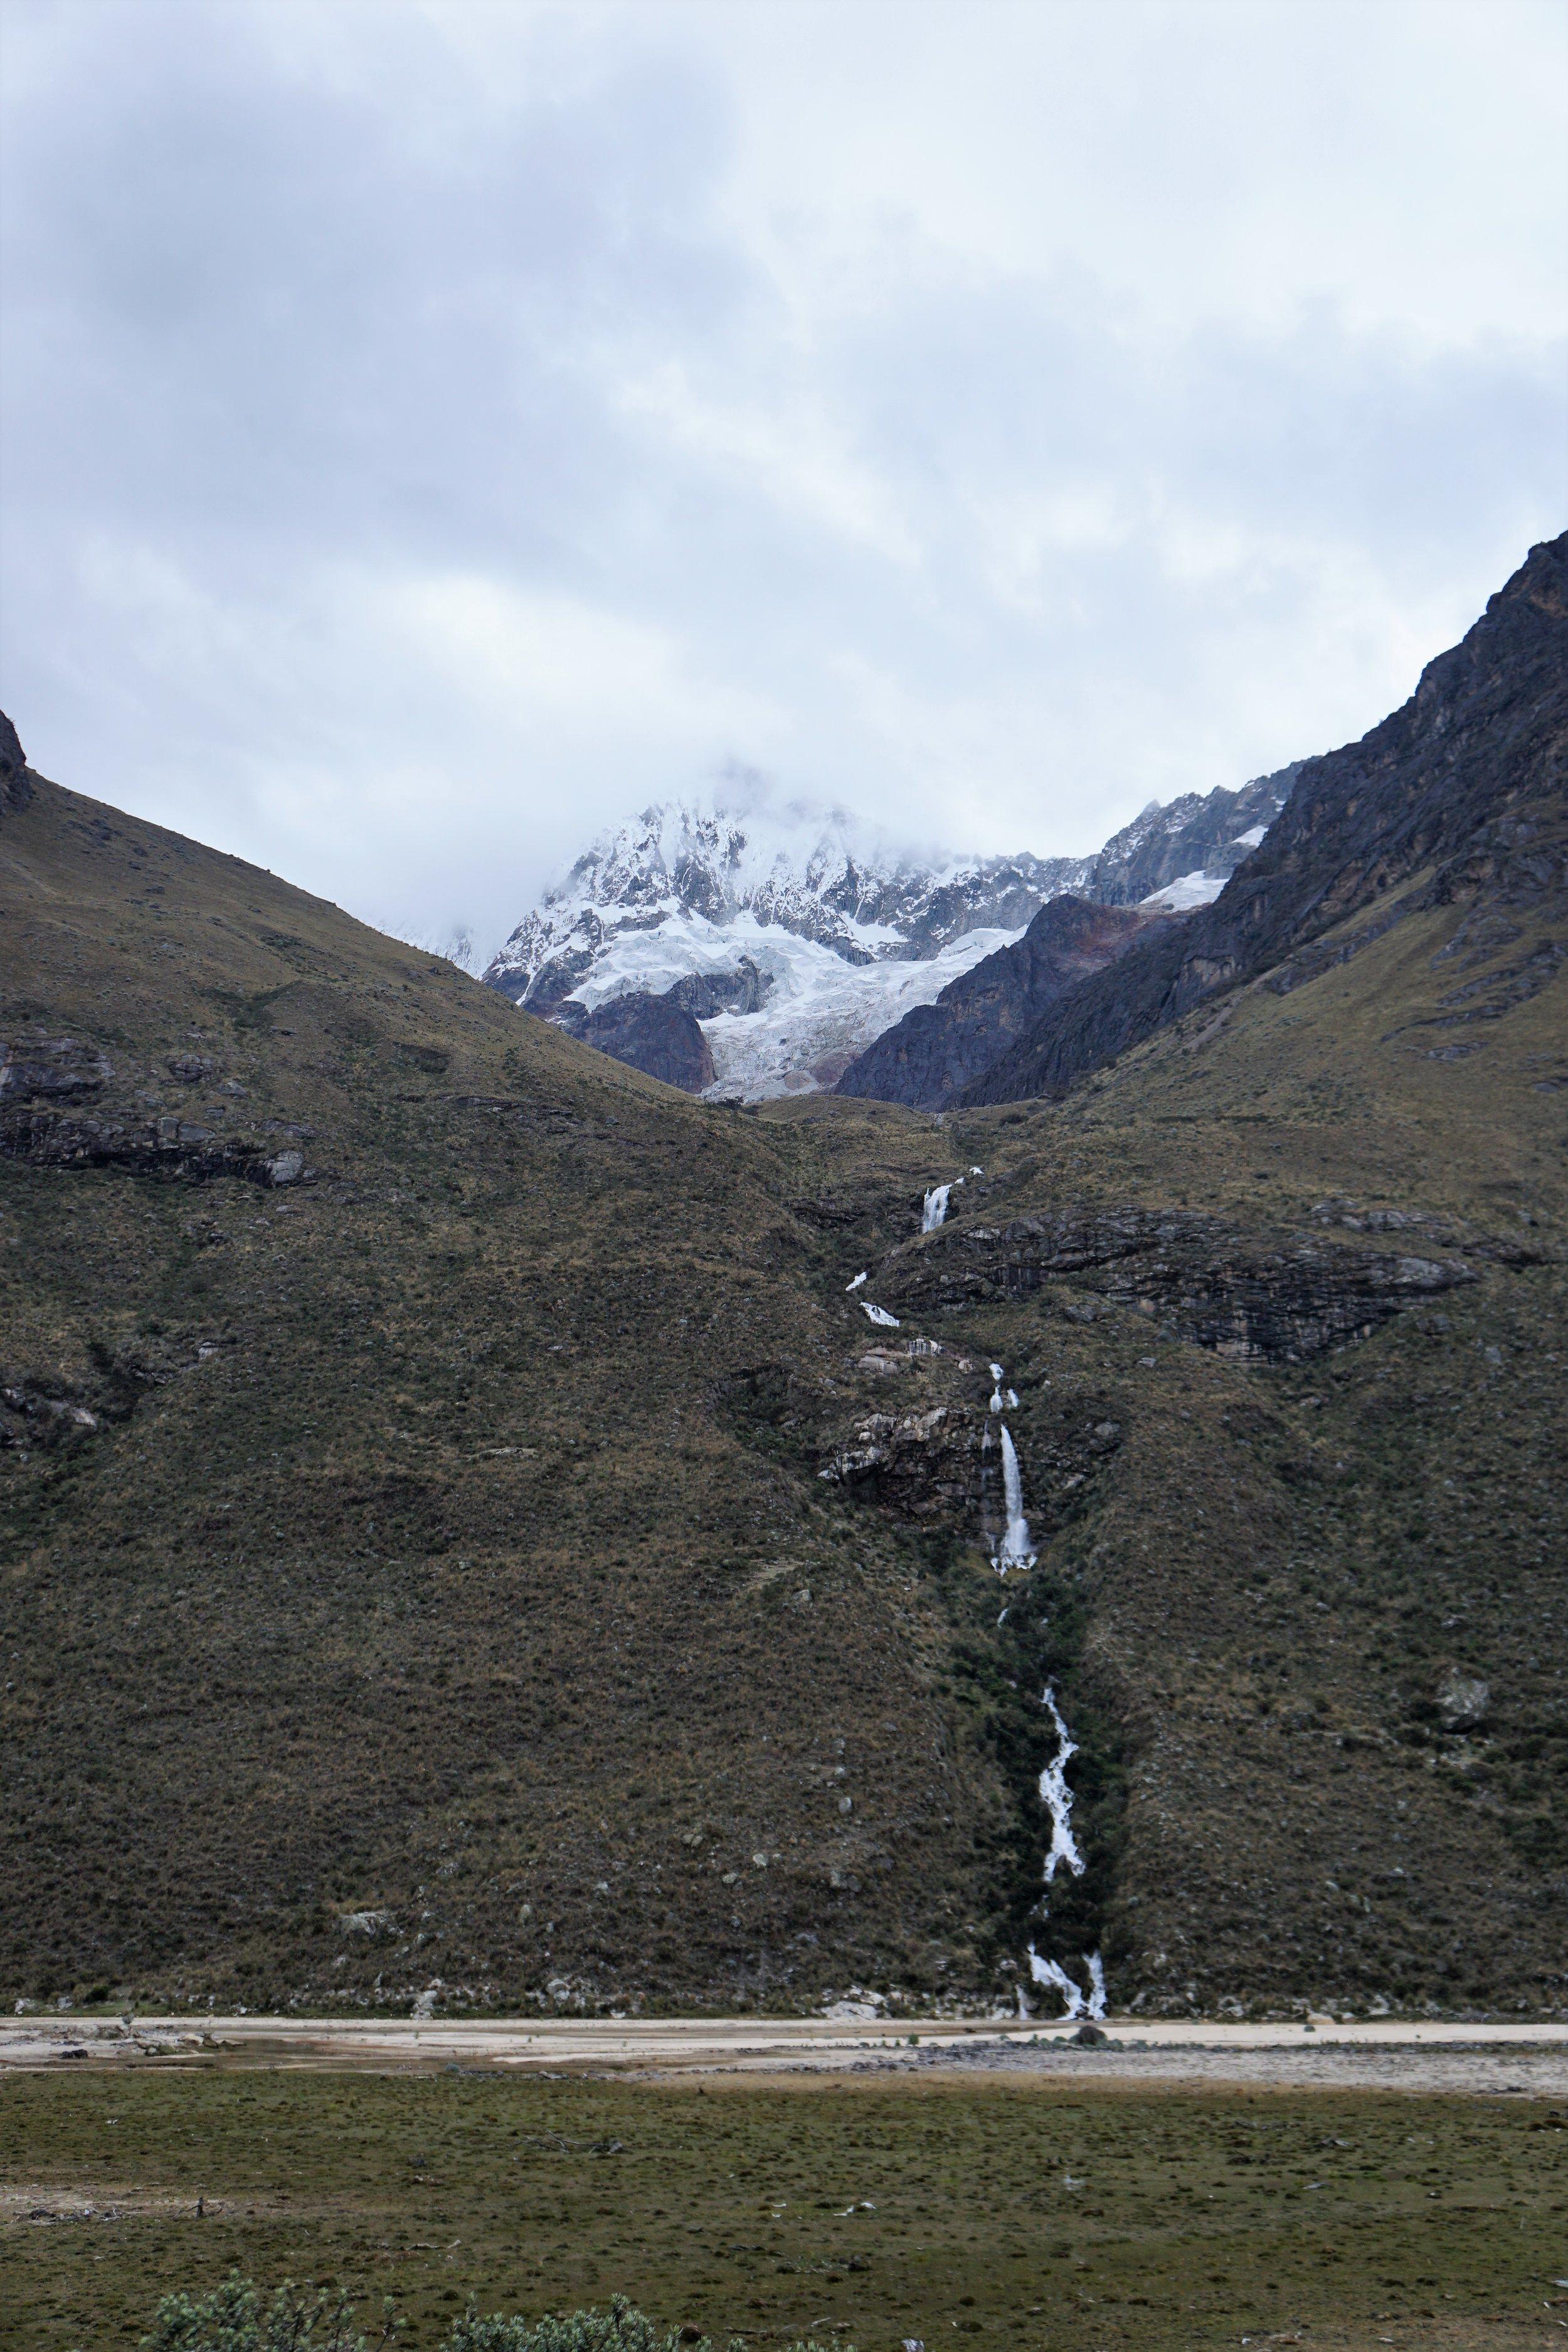 Quitaraju Peak (6036m / 19800ft)